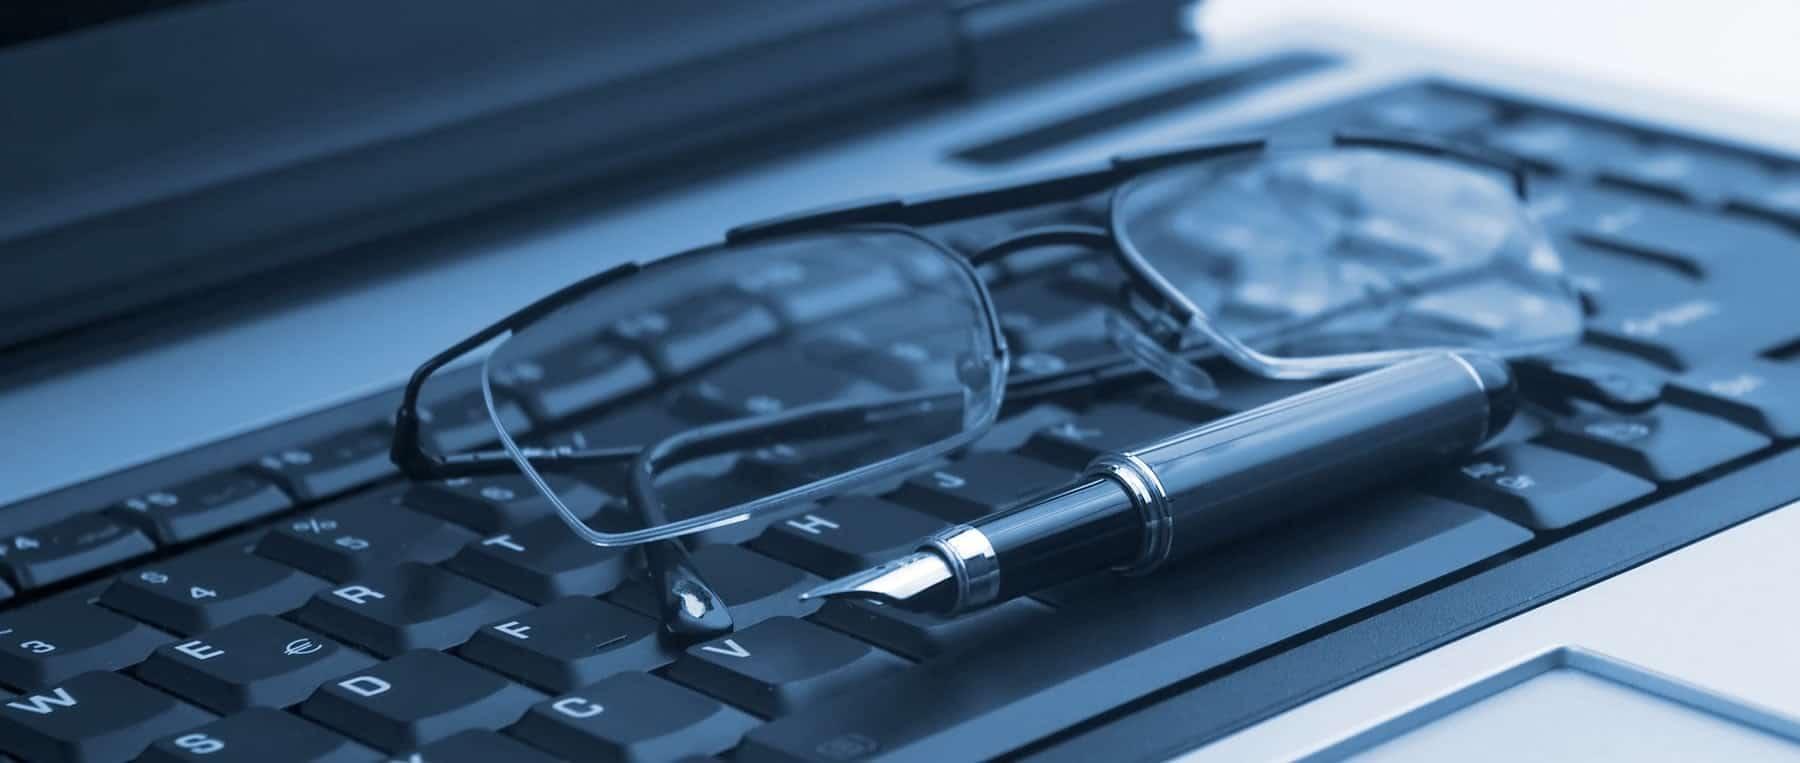 Servicio Tecnico de Notebook Empresas